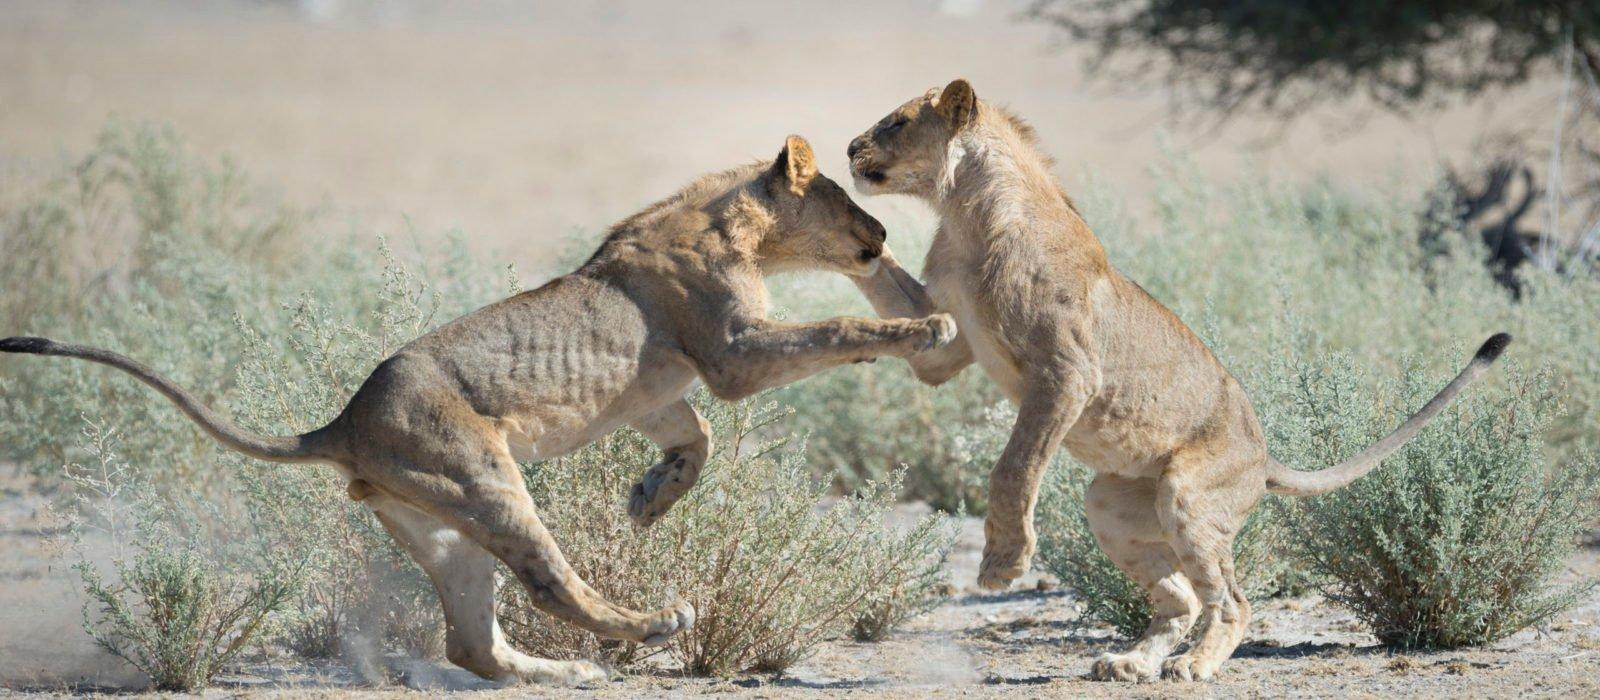 Ongava Reserve Lions